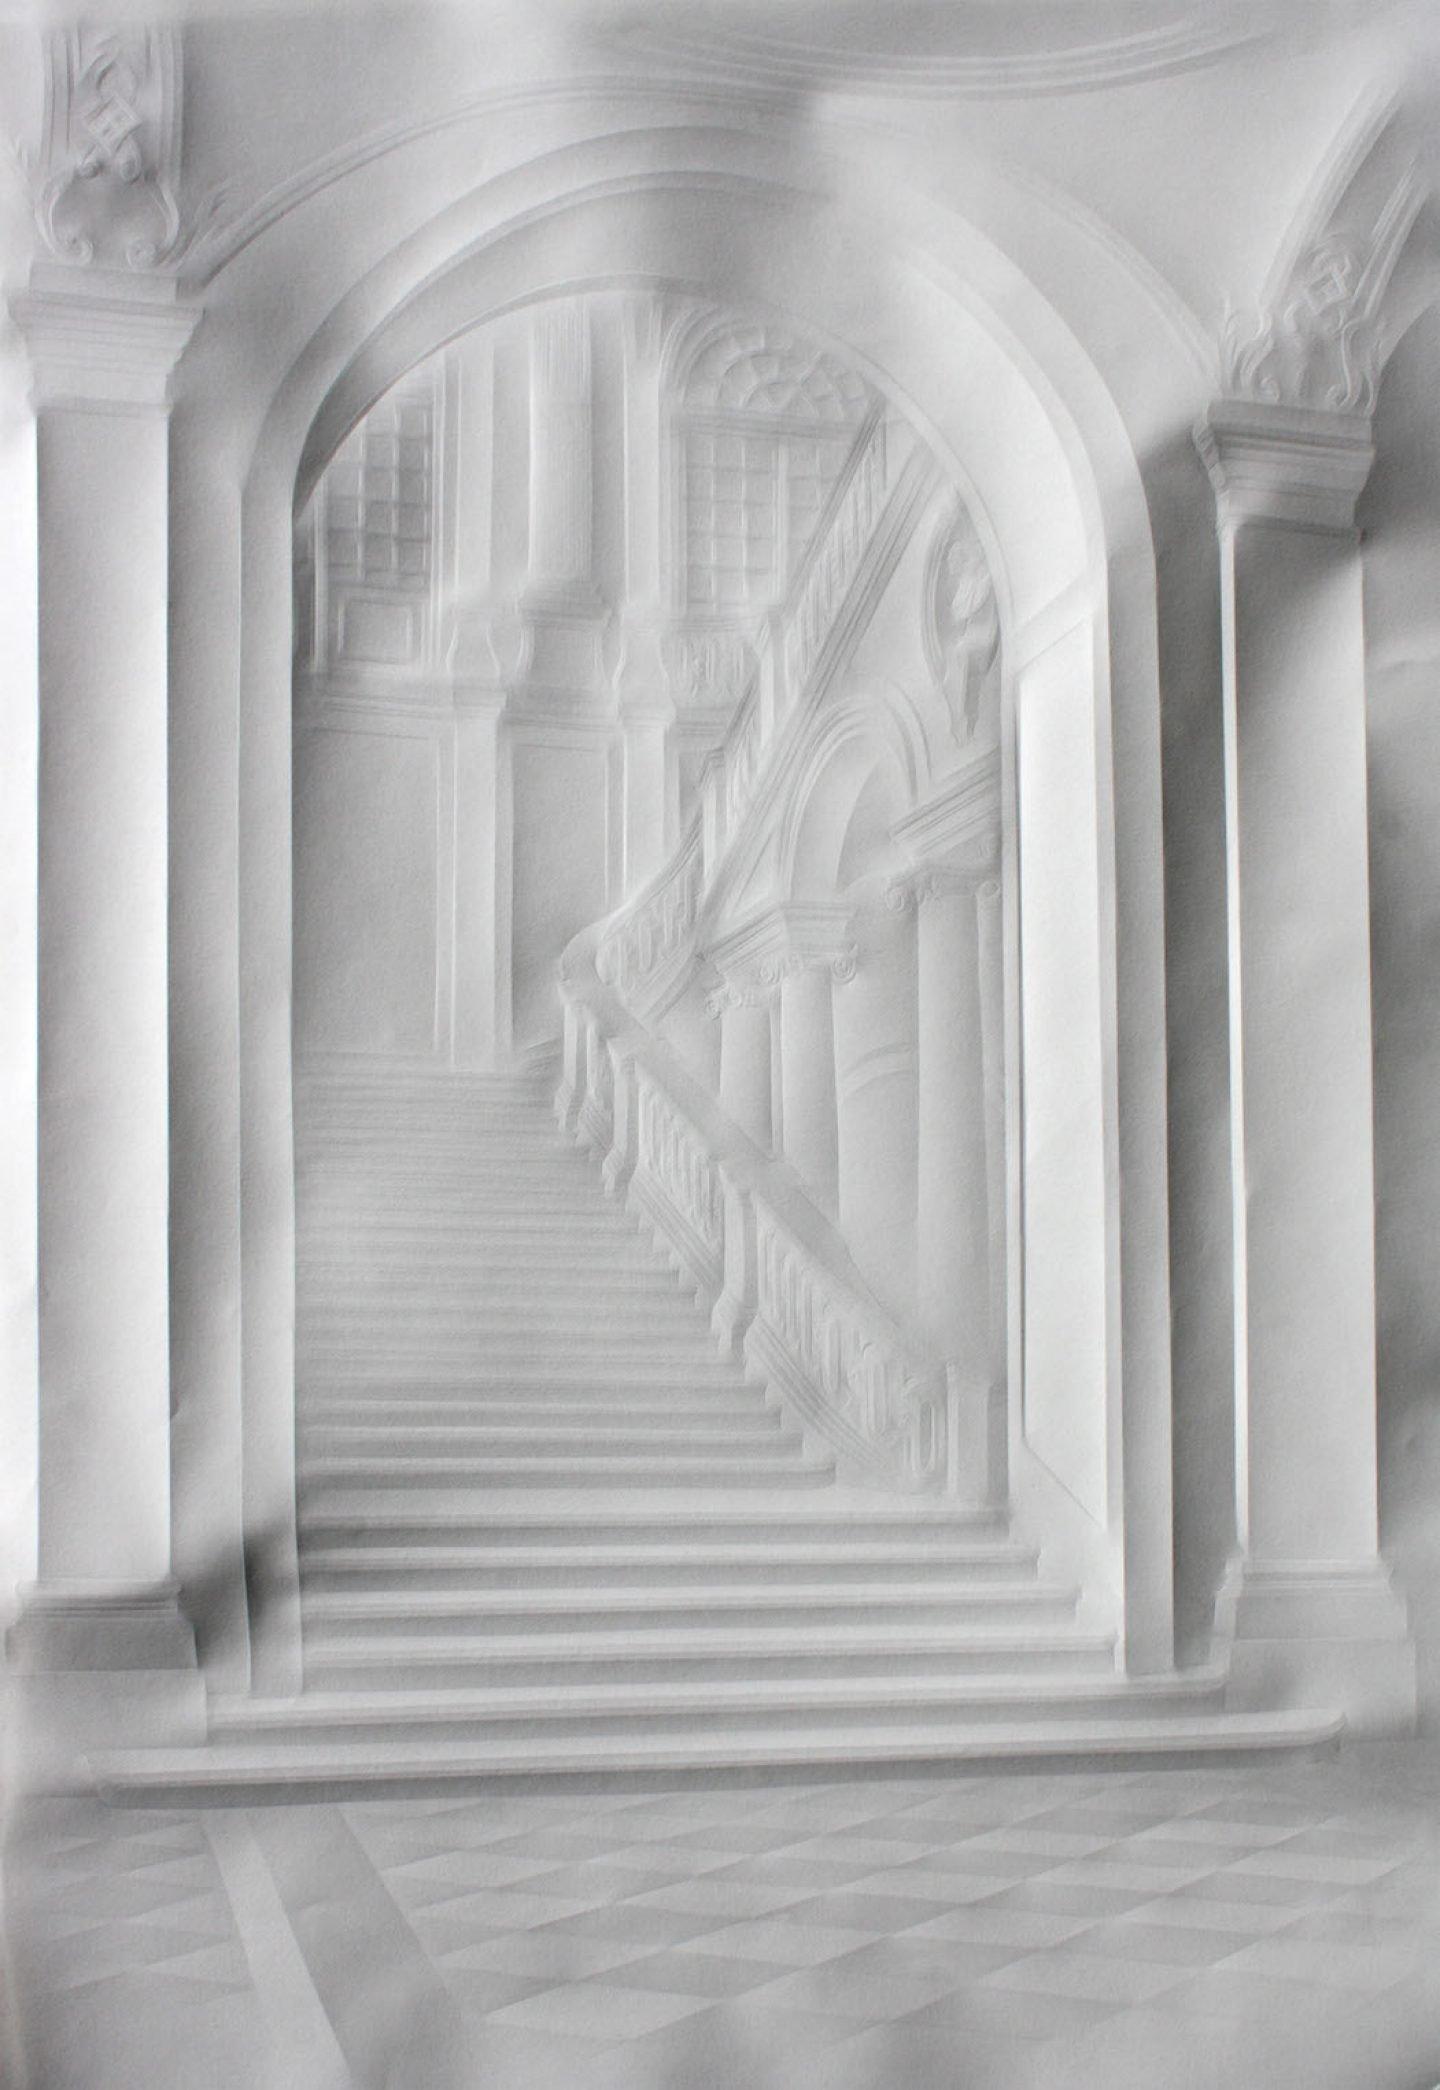 simonschubert(große Treppe), 2014, 70cm x 50cm